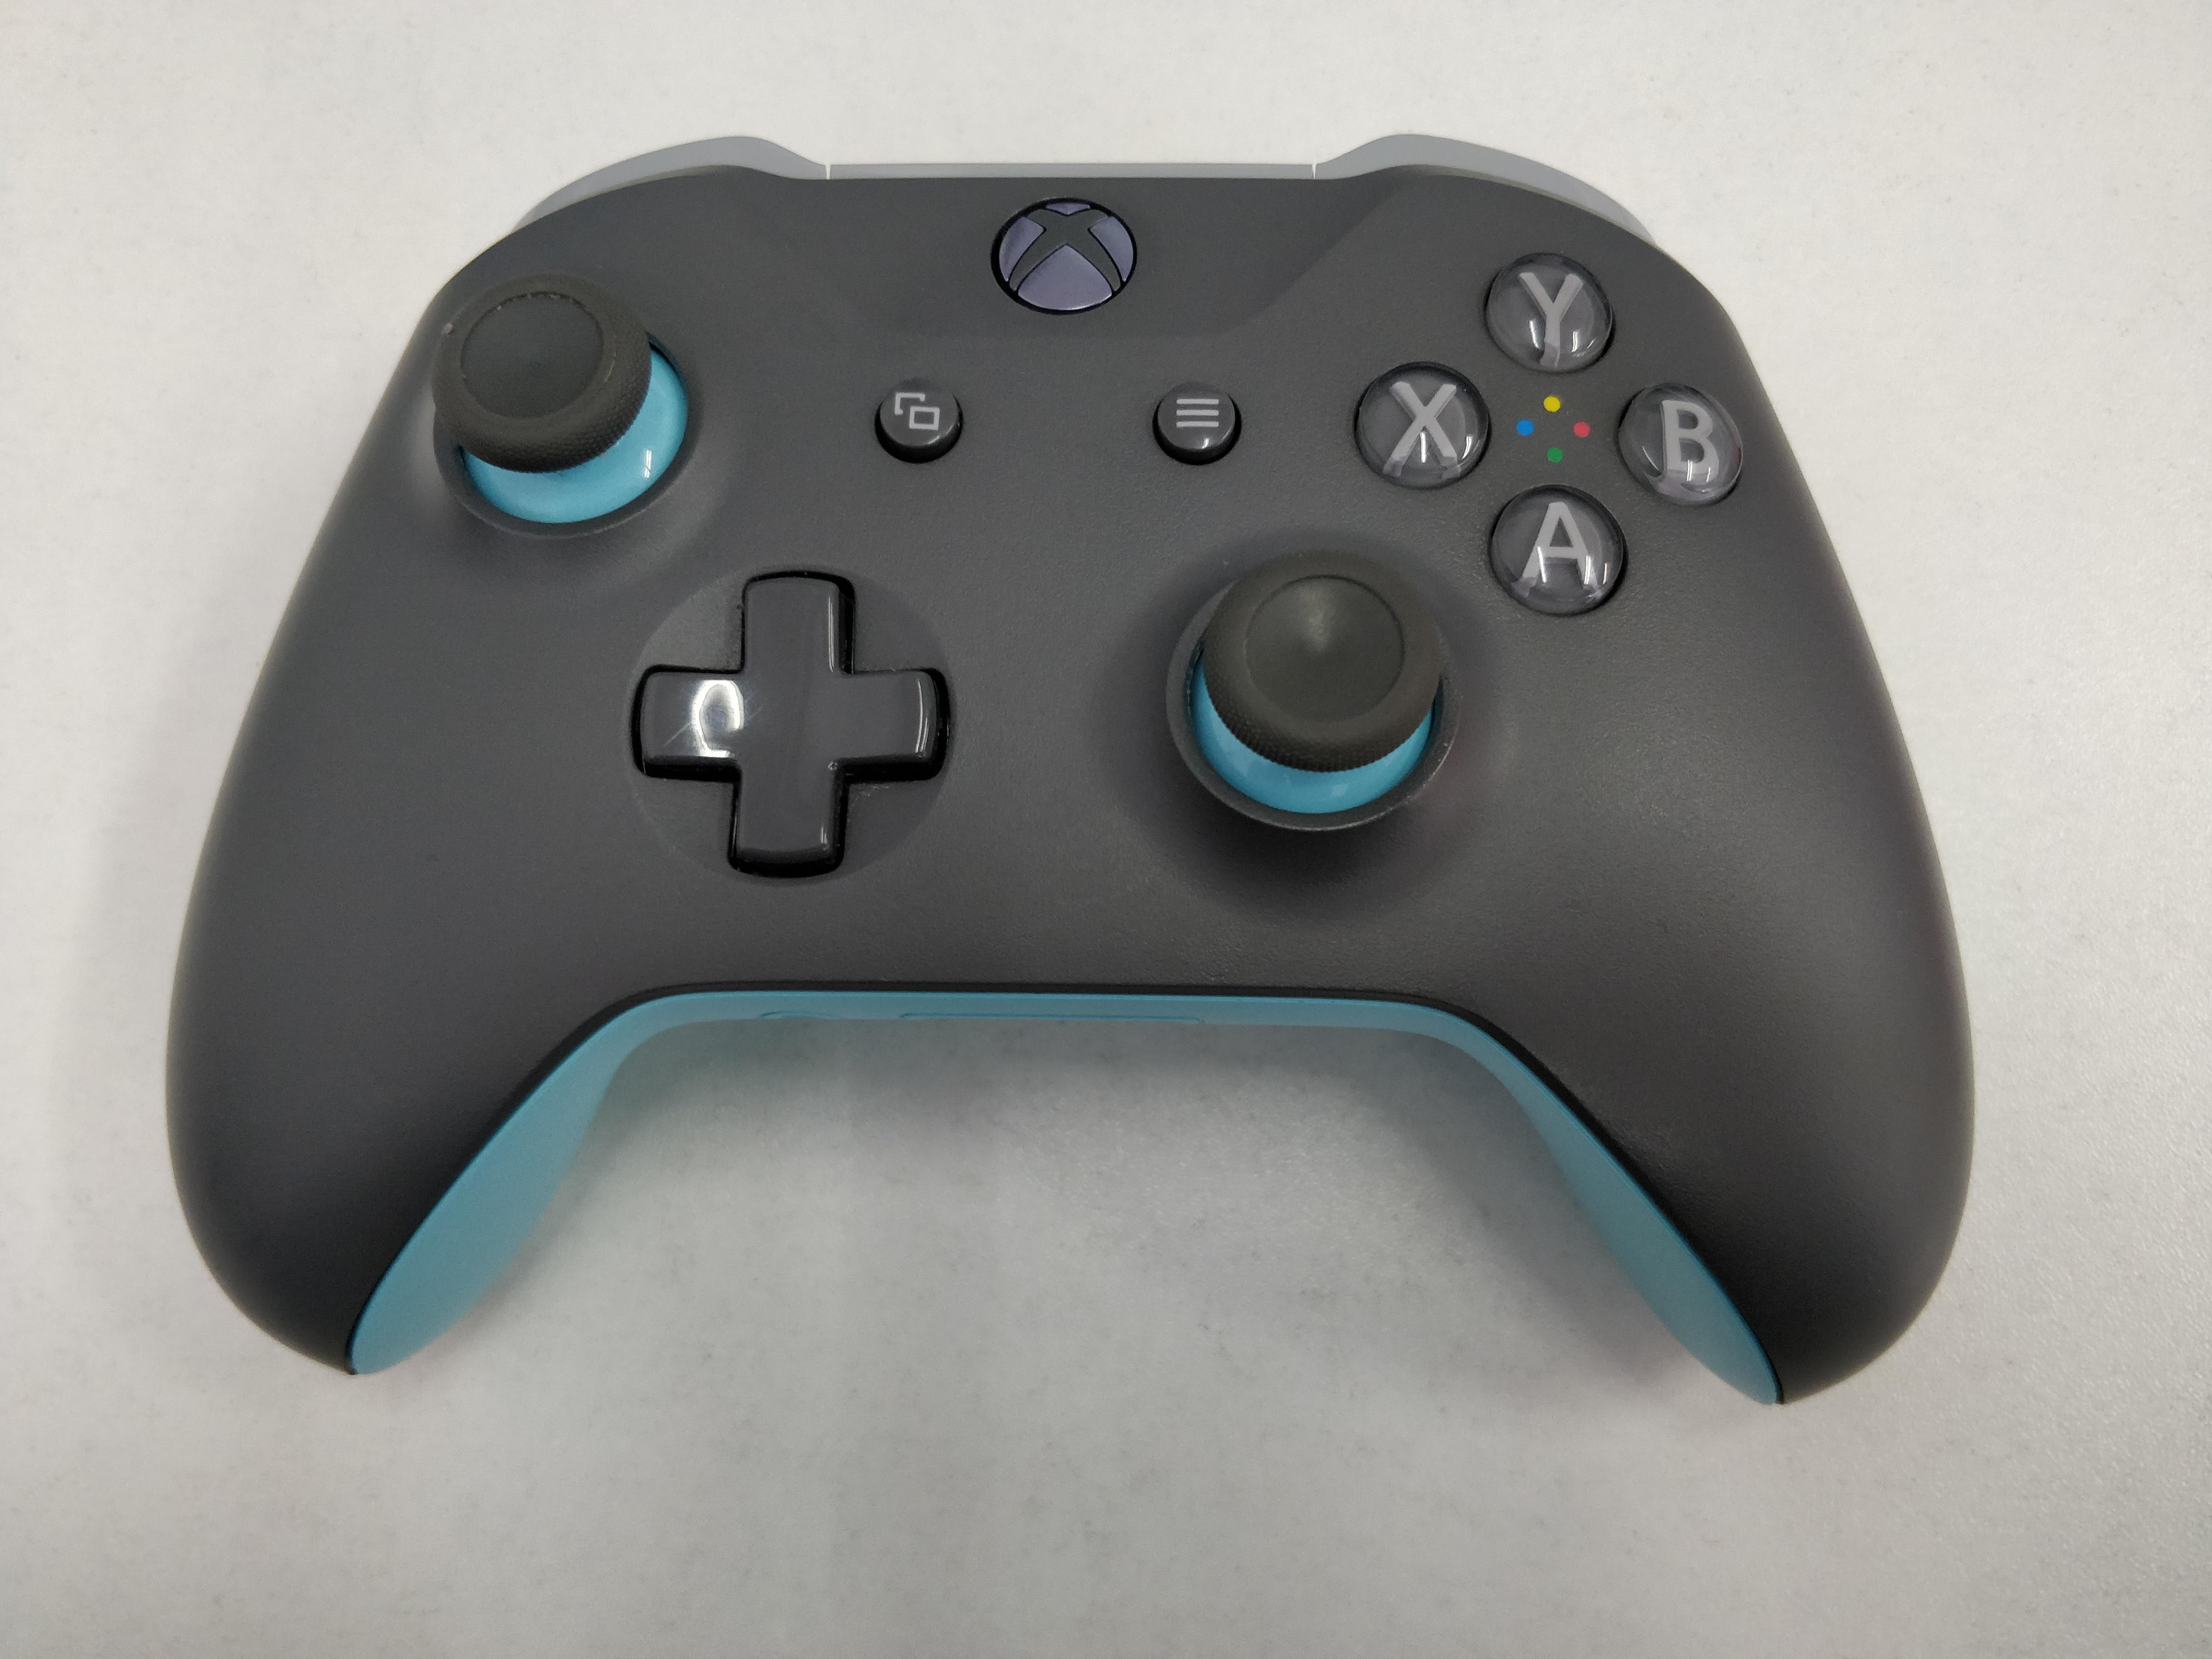 [Xbox One] S Bezdrátový Ovladač - šedomodrý (estetická vada)